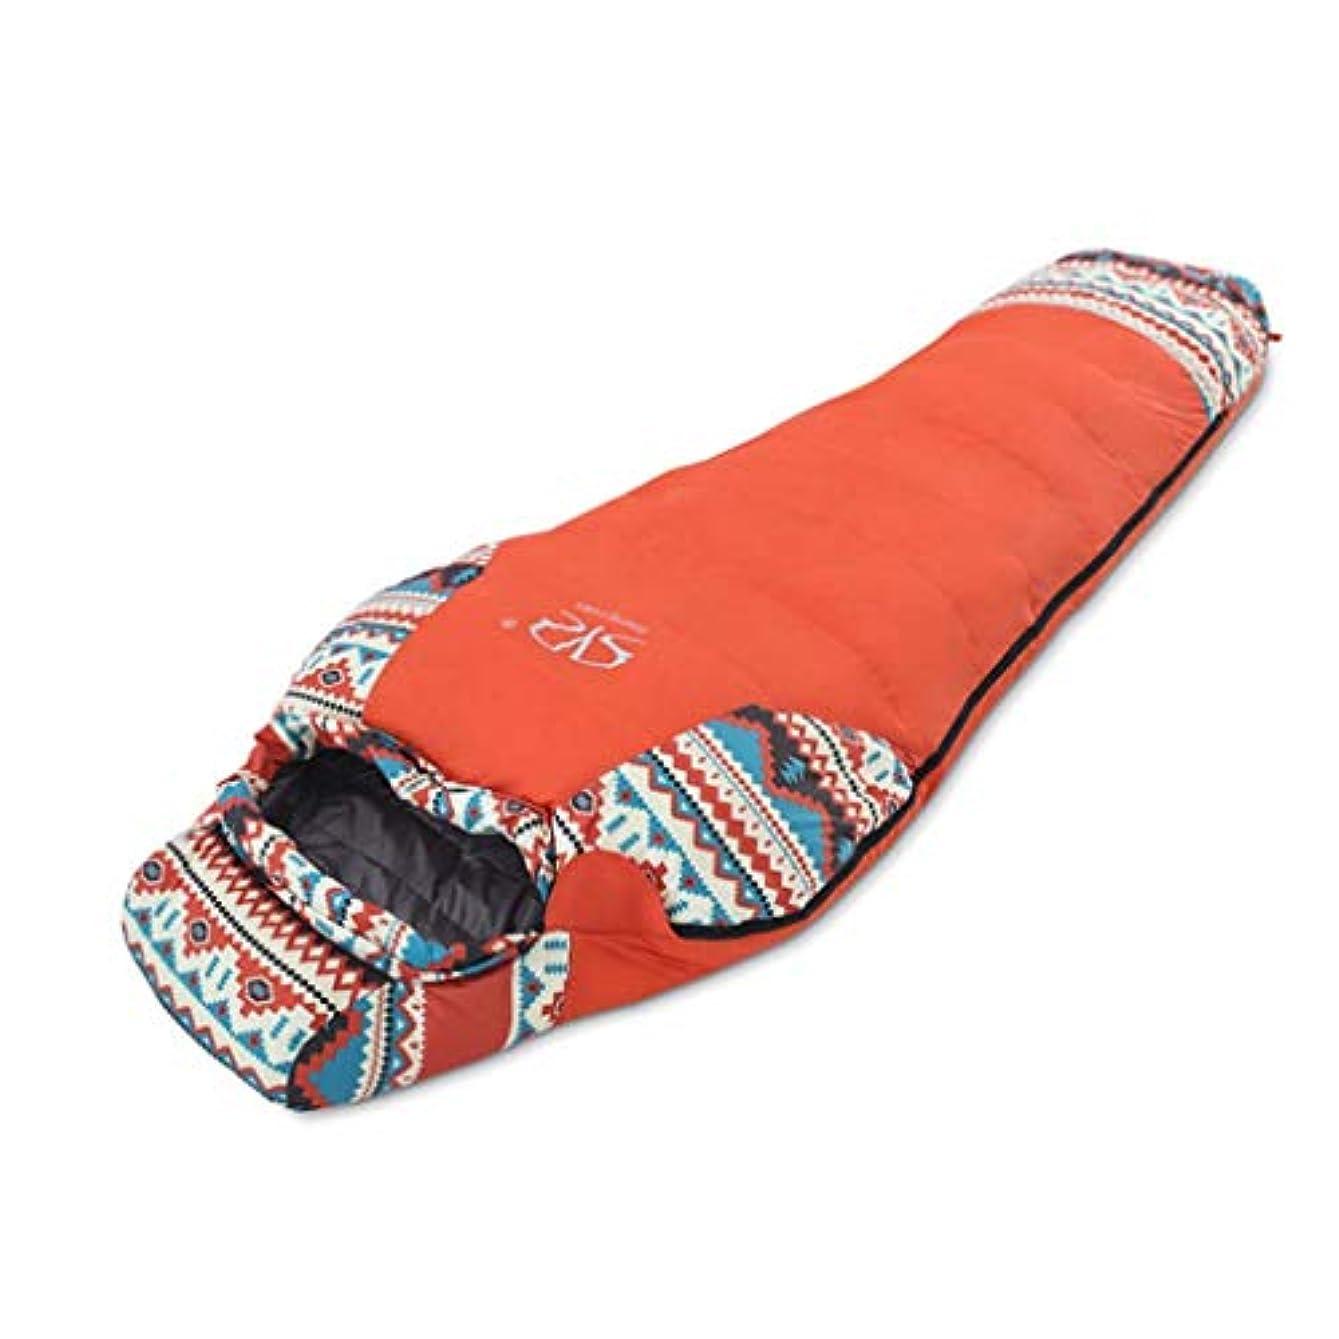 運命呼ぶ自信があるMcoutdoor 1500g大人のための厚い白い寝袋を詰める4season Ultralightミイラバッグ寒い天候の冬キャンプやハイキング